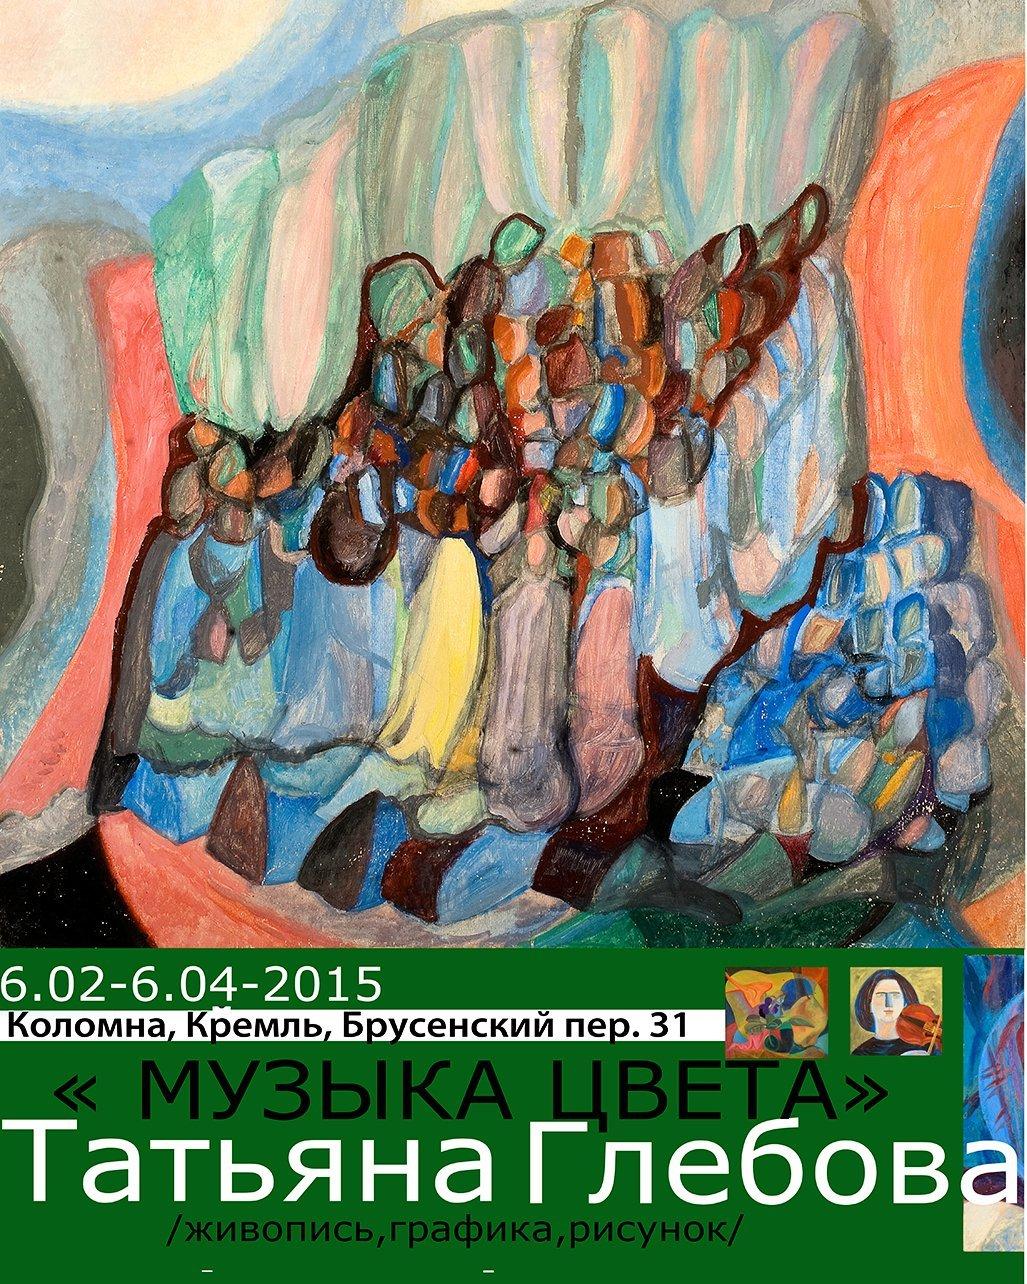 Выставка «Музыка цвета» Татьяна Глебова